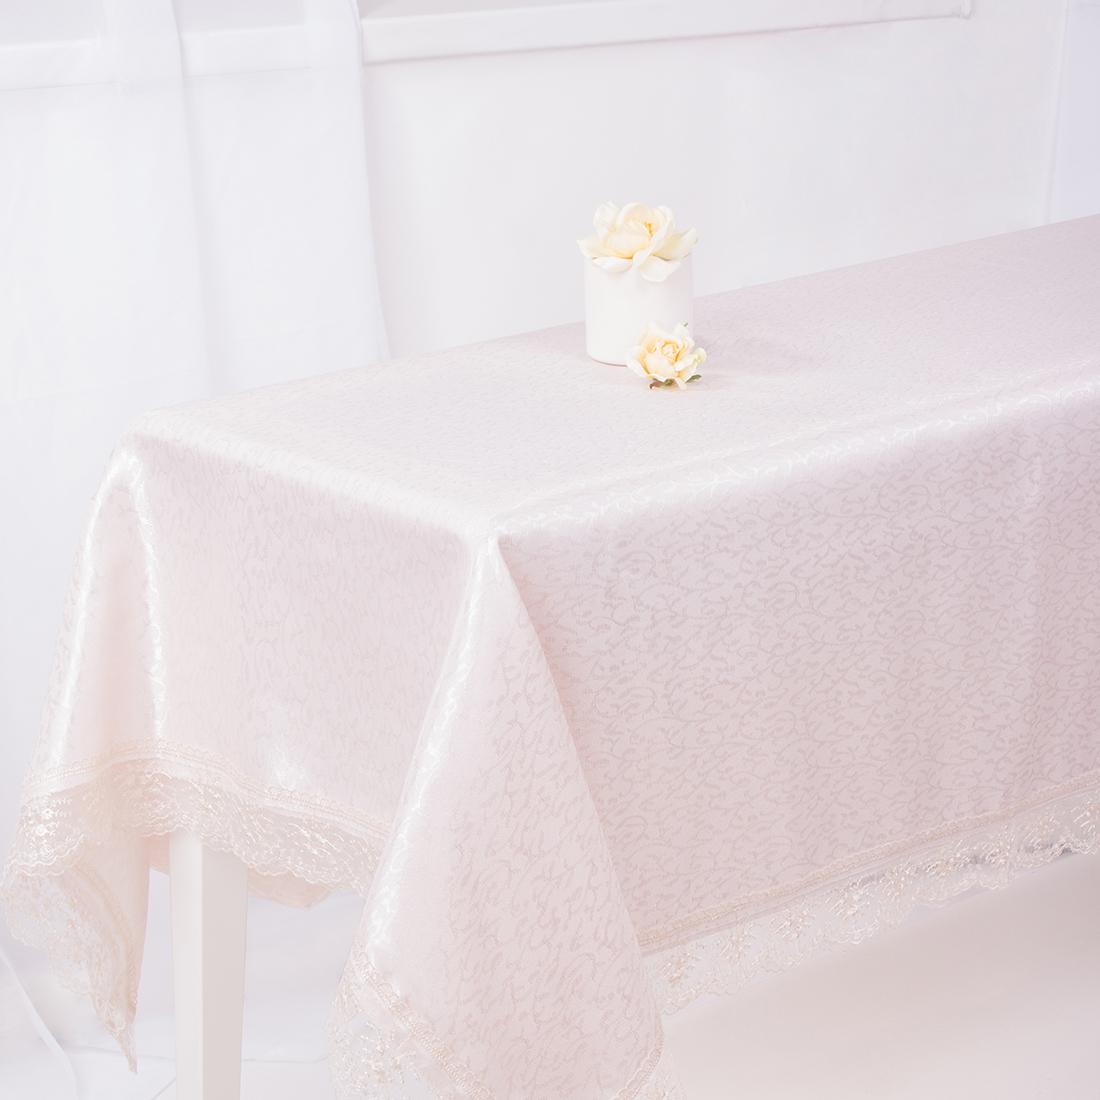 Скатерти и салфетки Eleganta Скатерть Paise Цвет: Бежевый (160х220 см) скатерти и салфетки karna скатерть leda цвет бордовый круглая 160 см